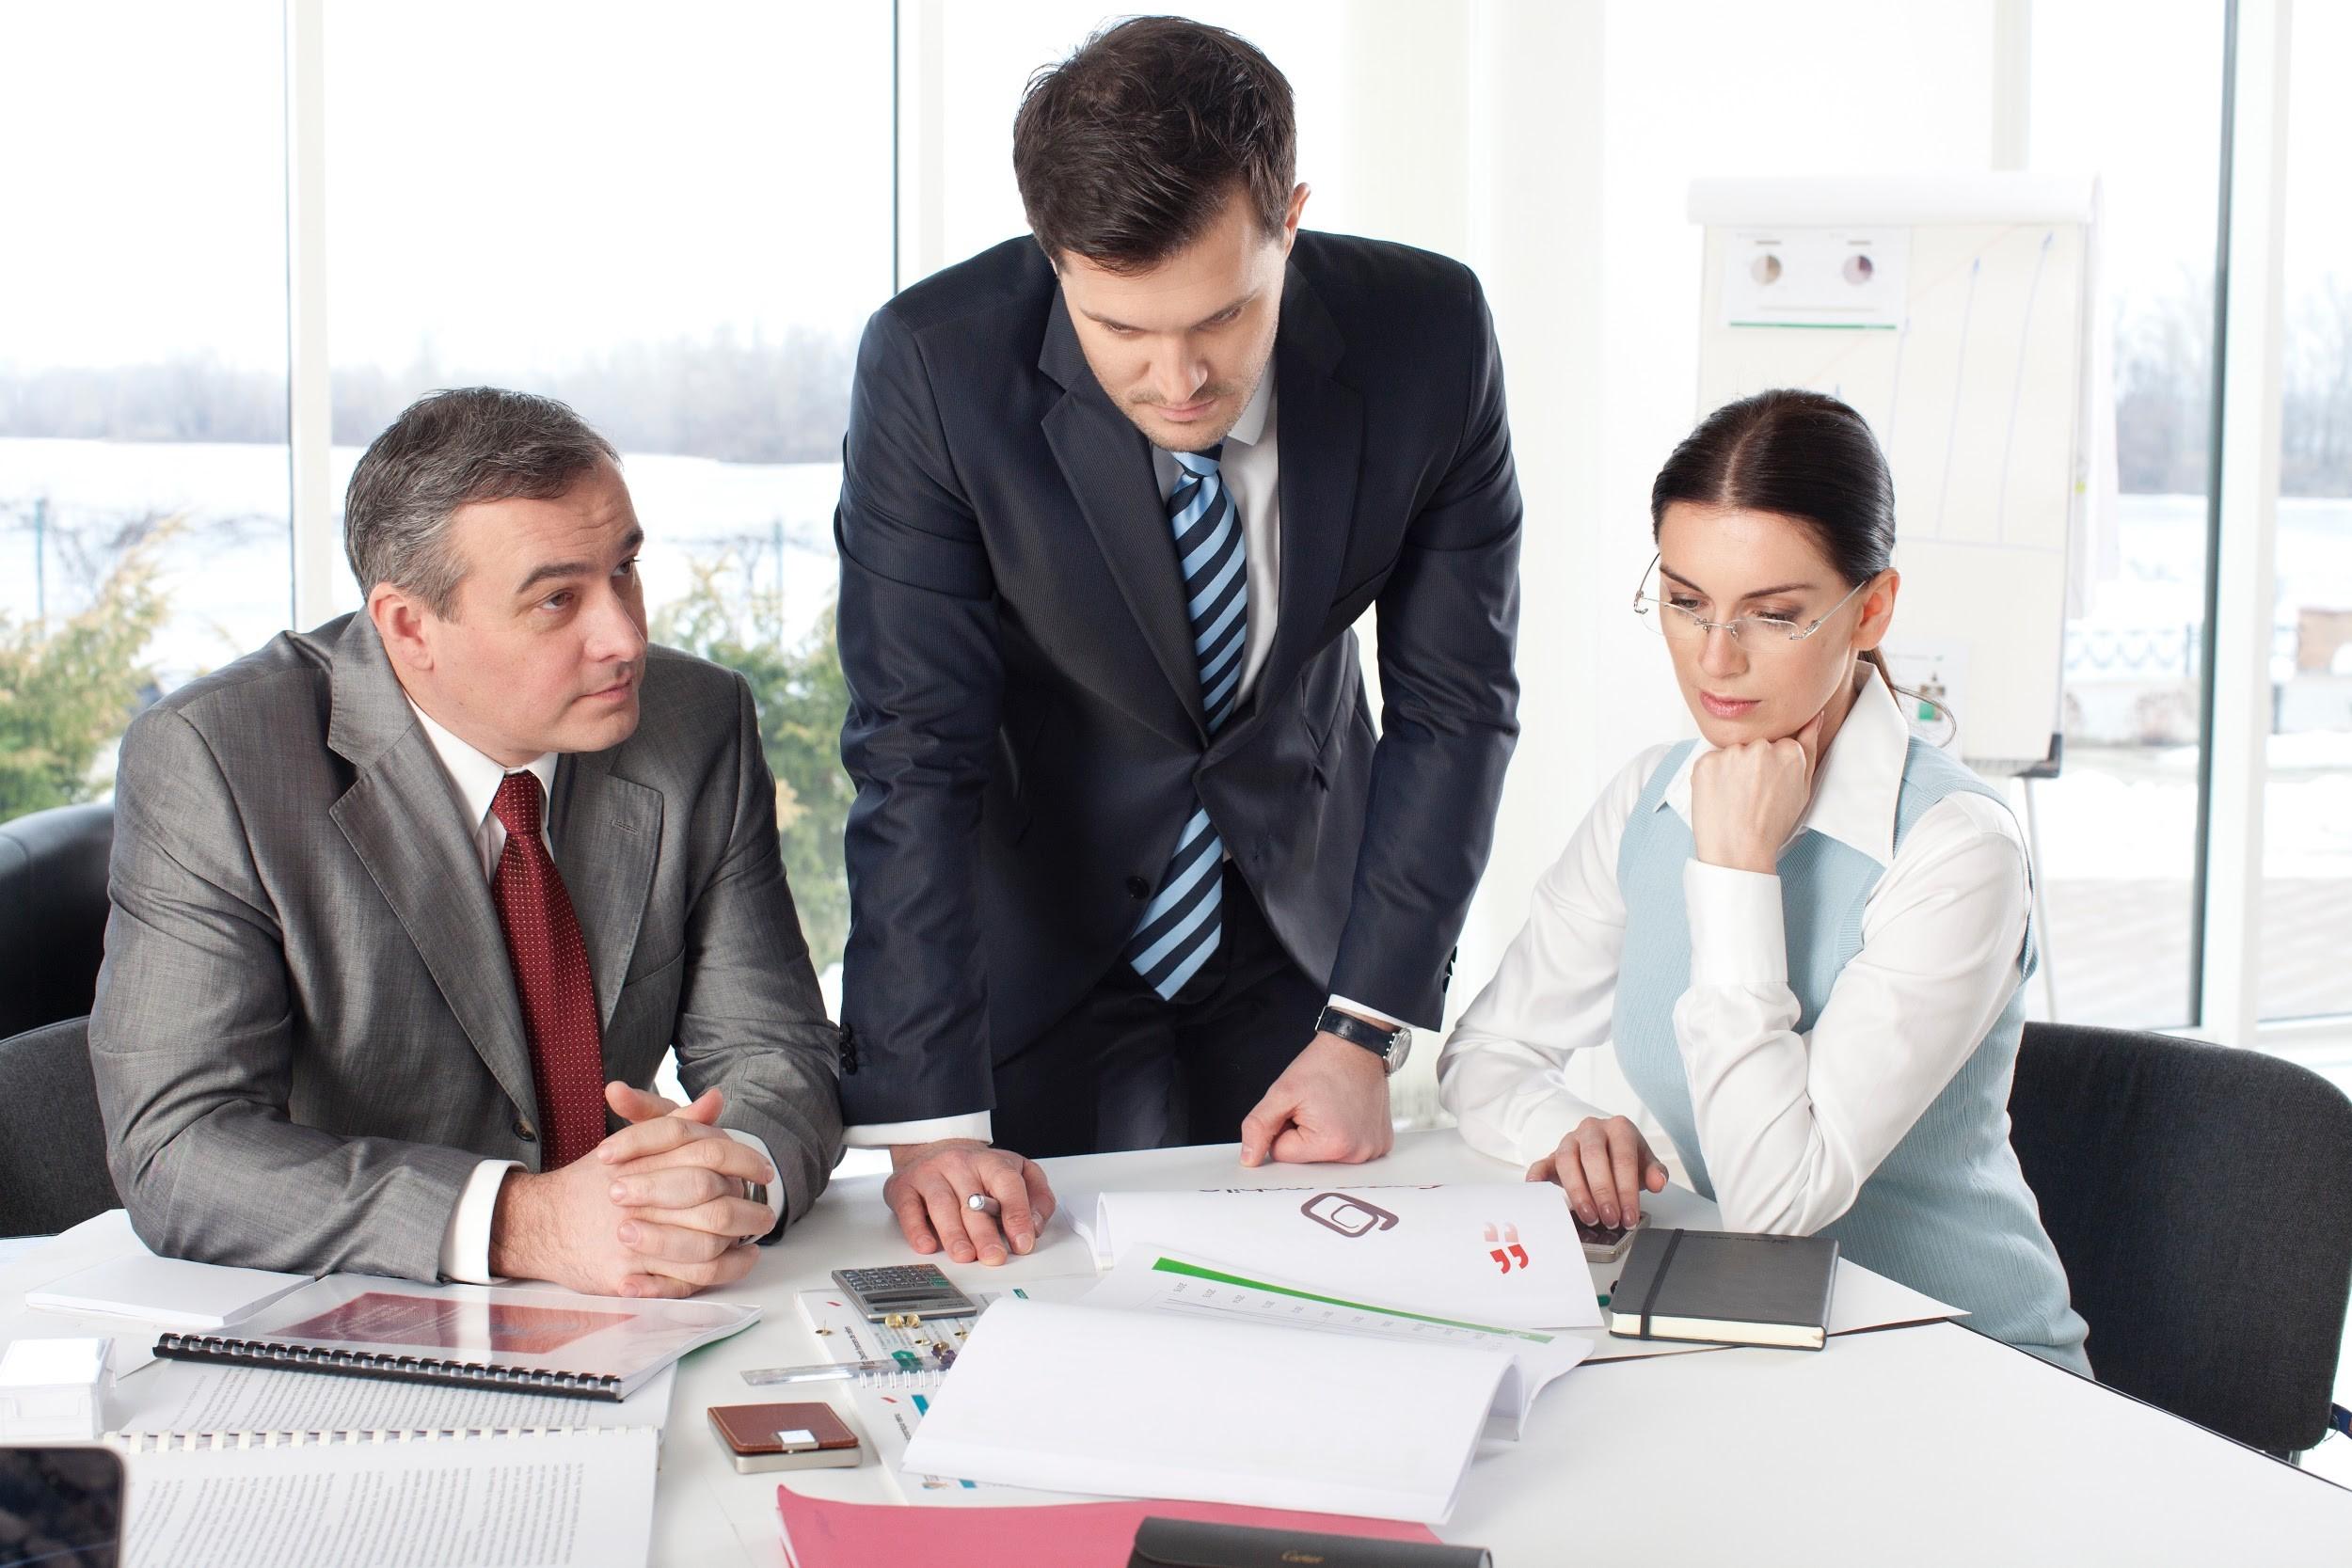 3つの業務が連携しているかが重要